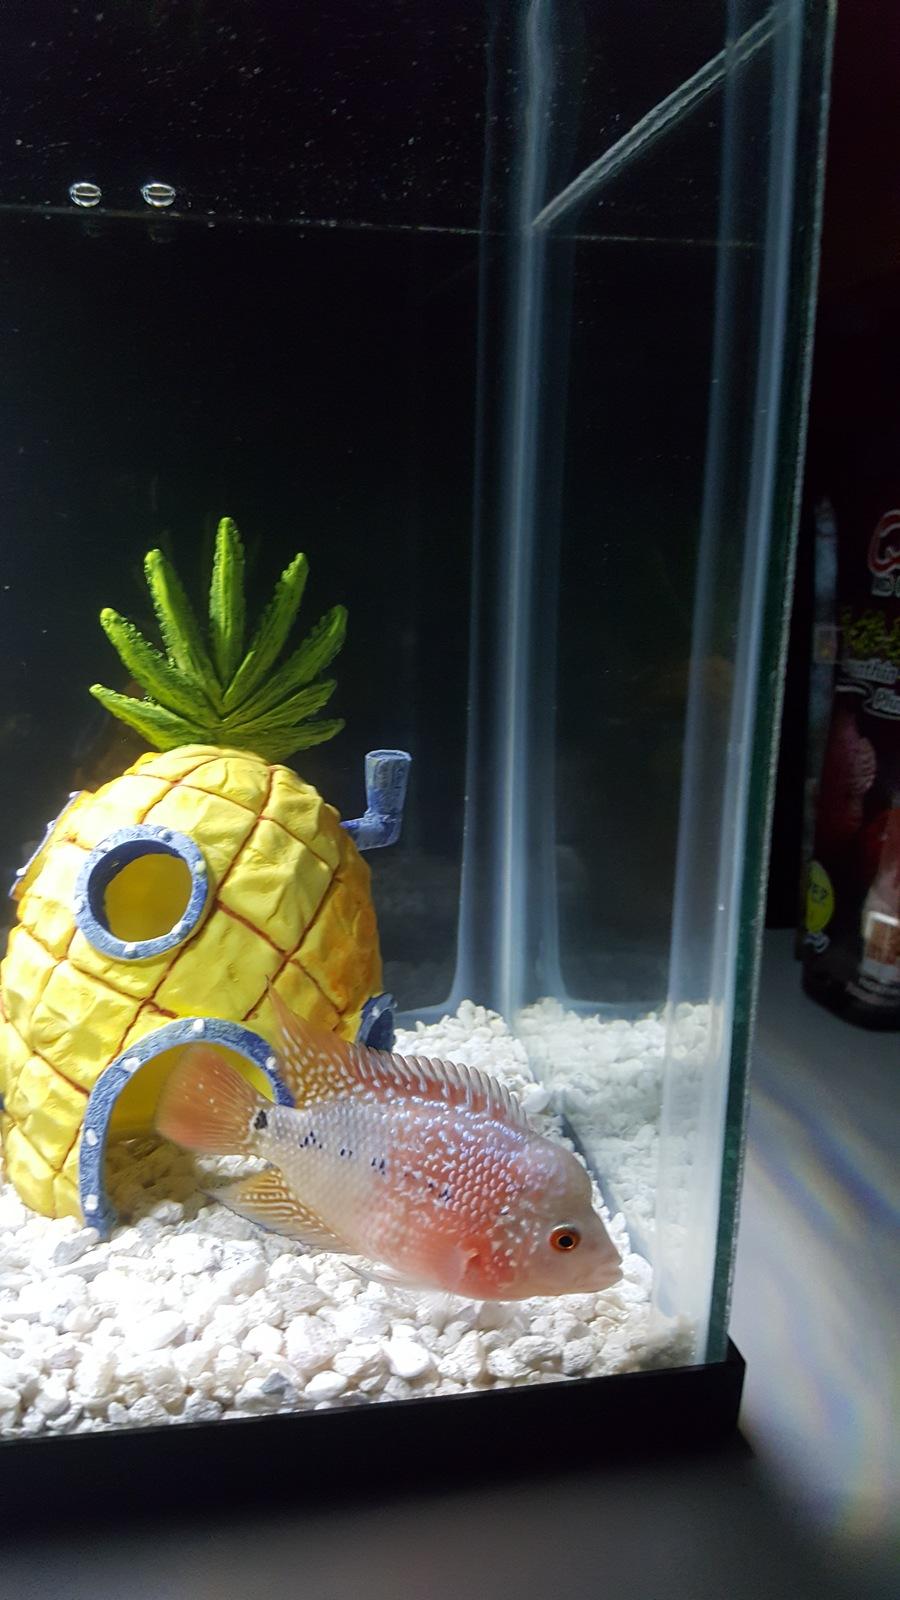 Flowerhorn Fish 2 And A Half Inch Size | My Aquarium Club